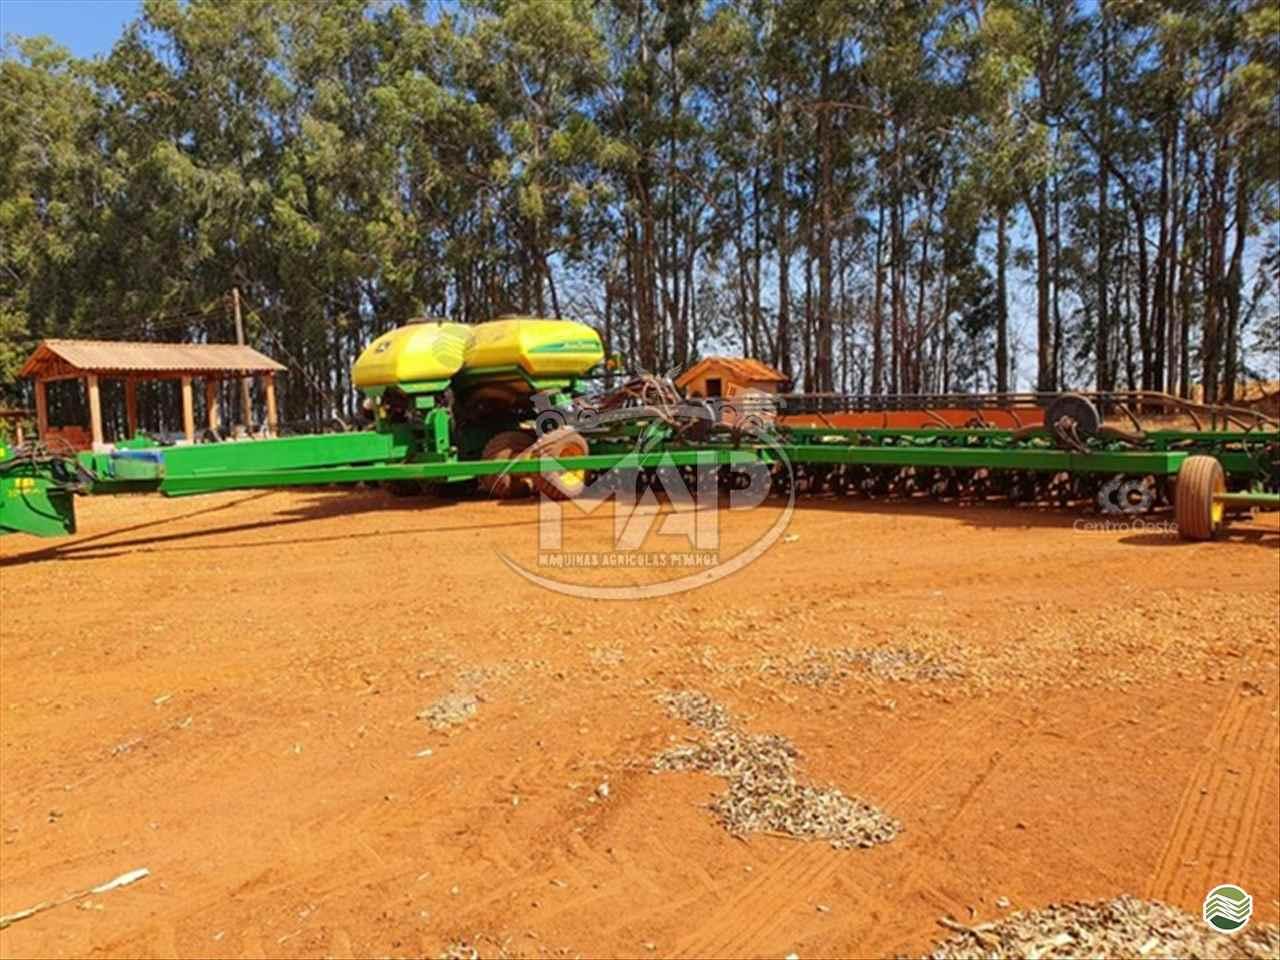 PLANTADEIRA JOHN DEERE PLANTADEIRAS DB48  Máquinas Agrícolas Pitanga PITANGA PARANÁ PR